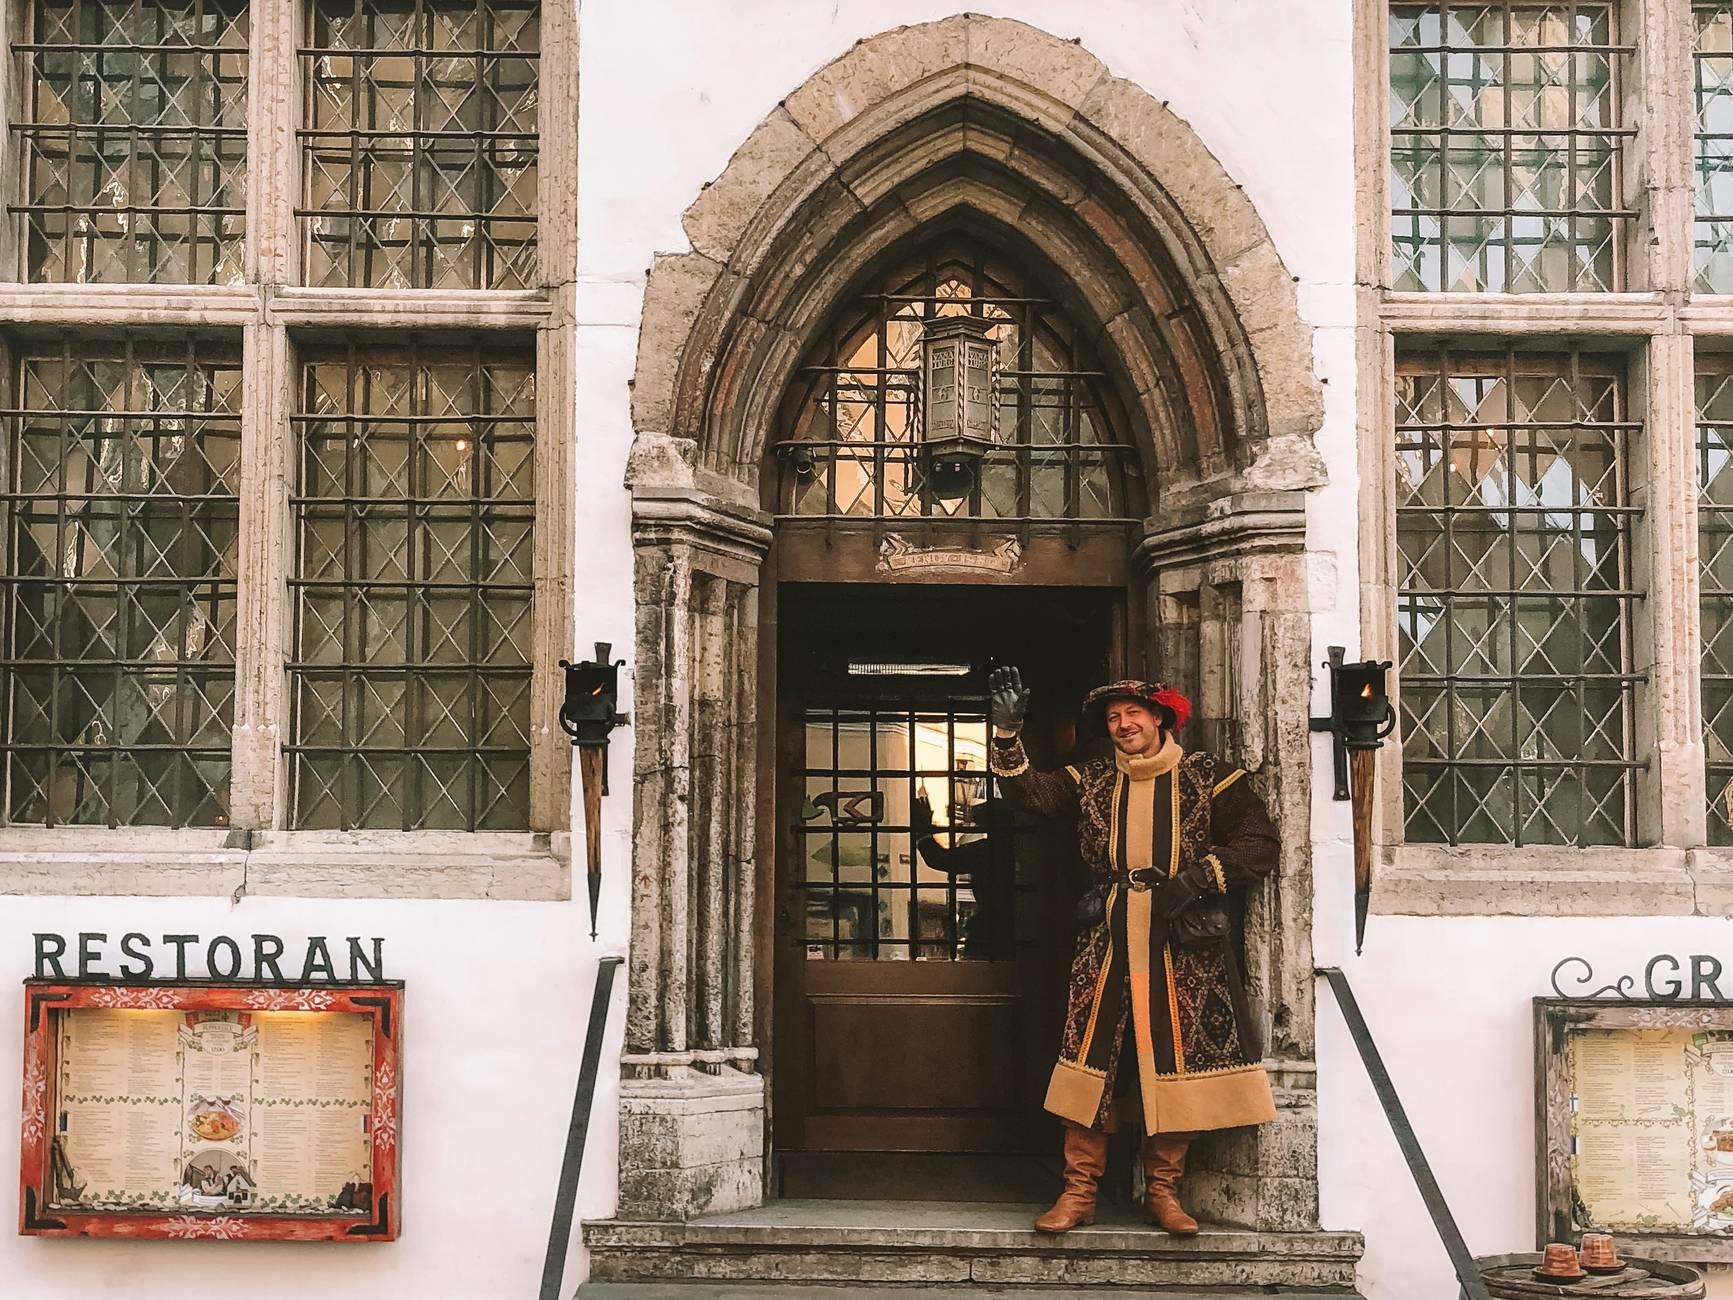 Keskiaikainen ravintola Peppersackin ovi Tallinnassa